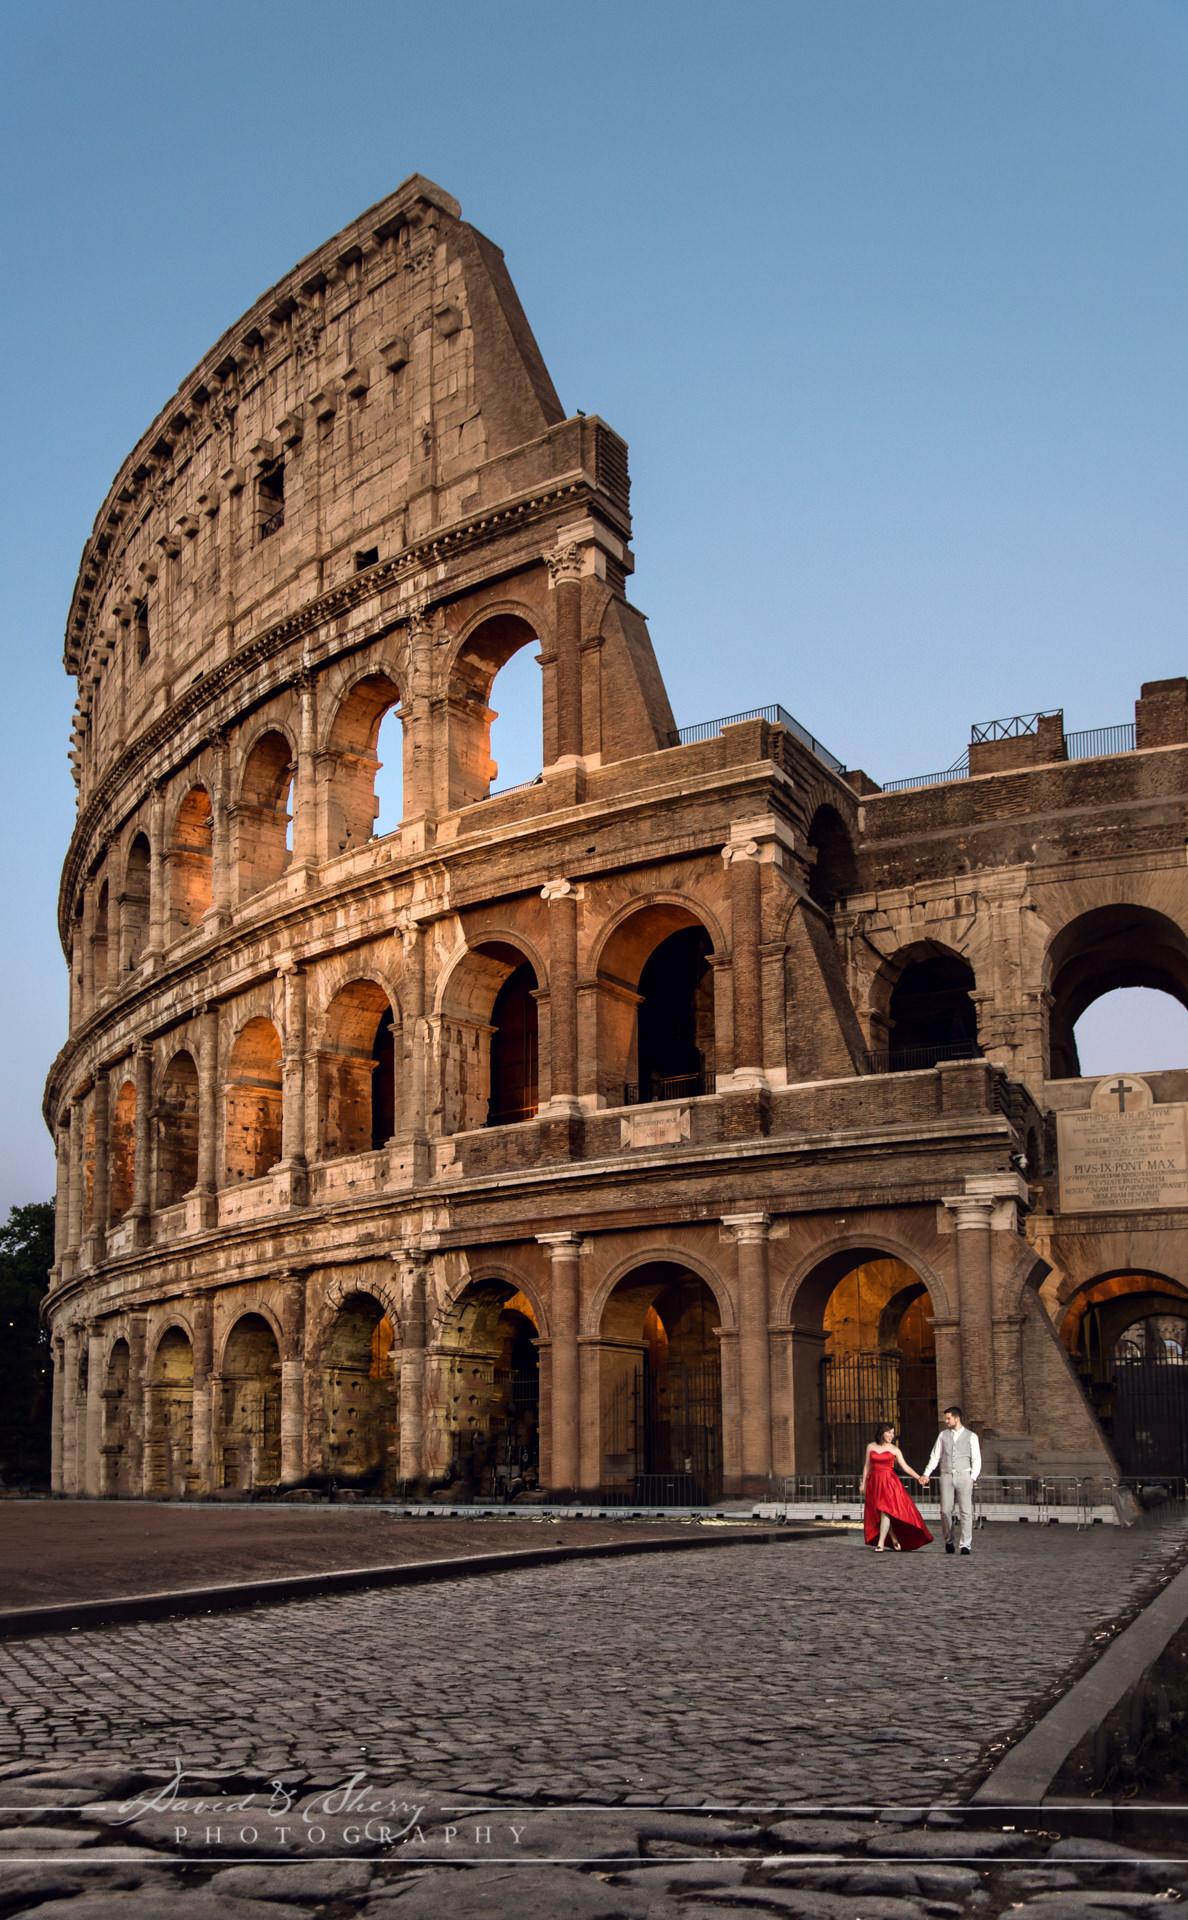 Destination Wedding Photos Rome Italy Colosseum